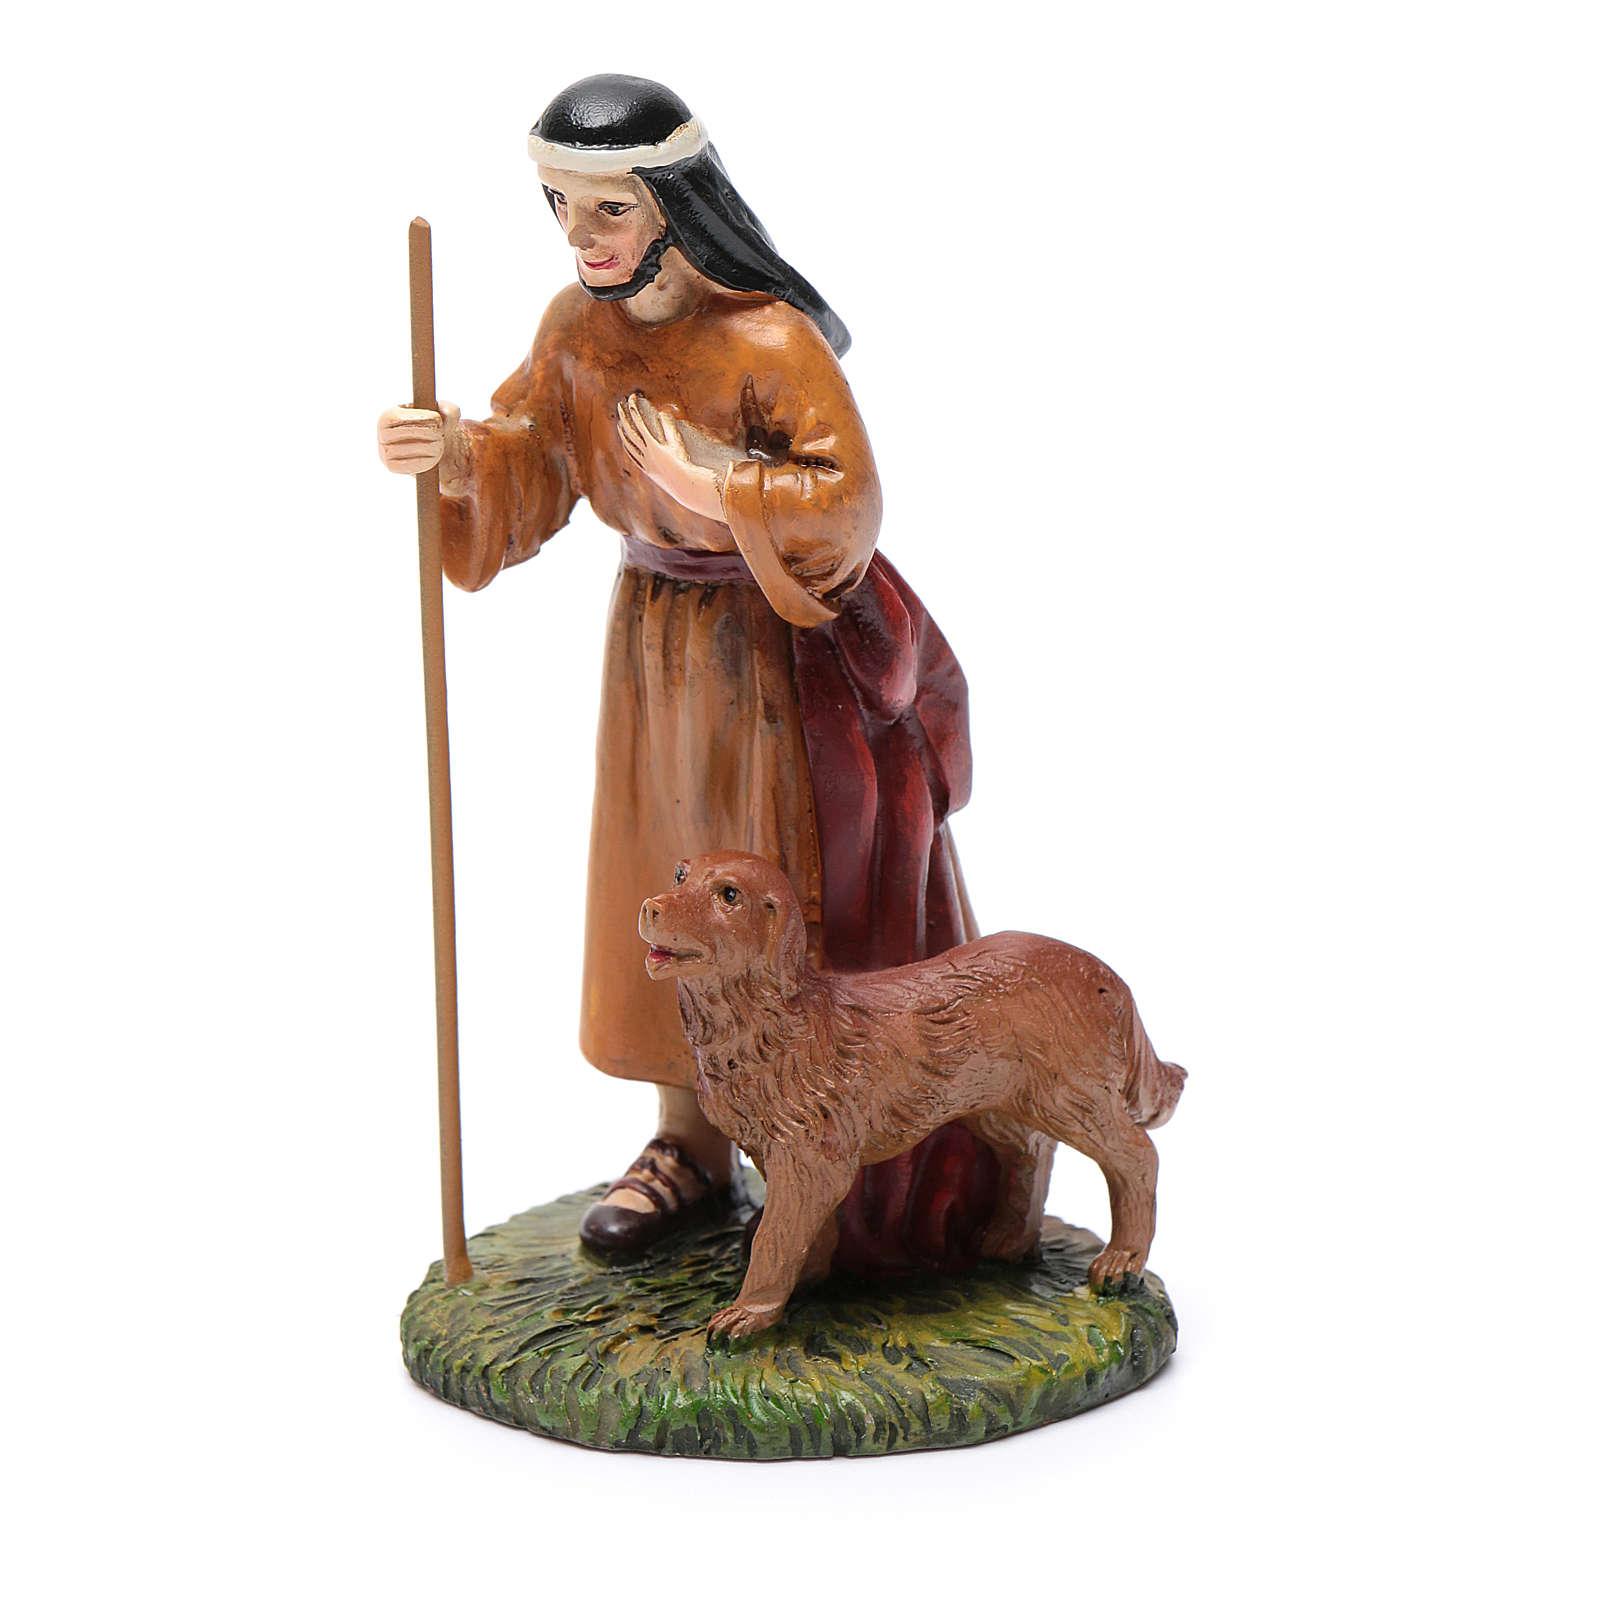 83dde3da2d2 Pastor con perro resina belén 10 cm Línea Martino Landi 3